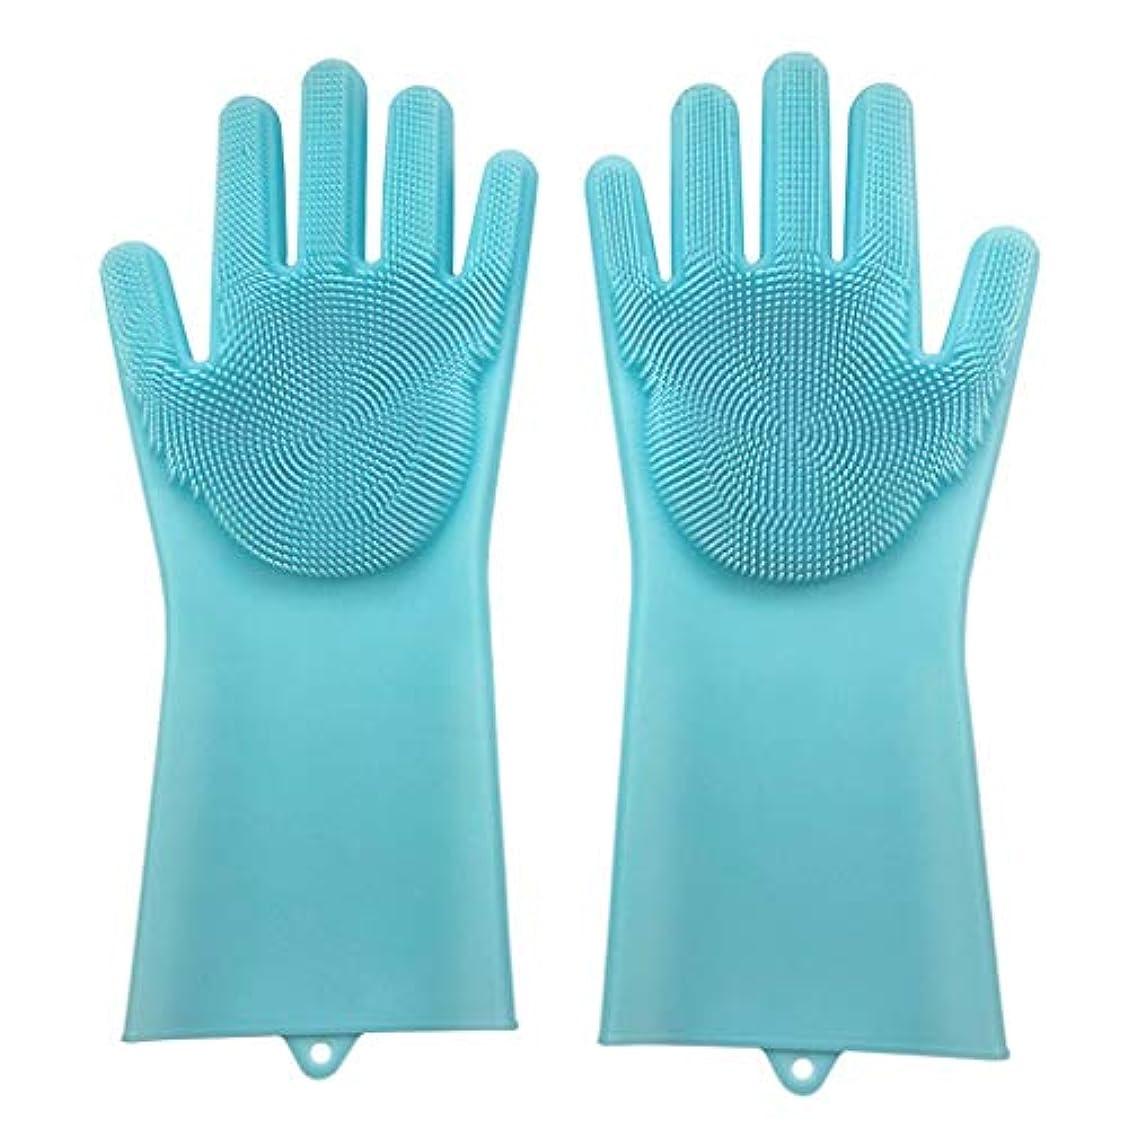 いわゆる落胆させるスラダムLIUXIN シリコーン食器洗い用手袋スクラバー付き耐熱性手袋再利用可能なゴム手袋15×35センチマルチカラーオプション ゴム手袋 (色 : C)